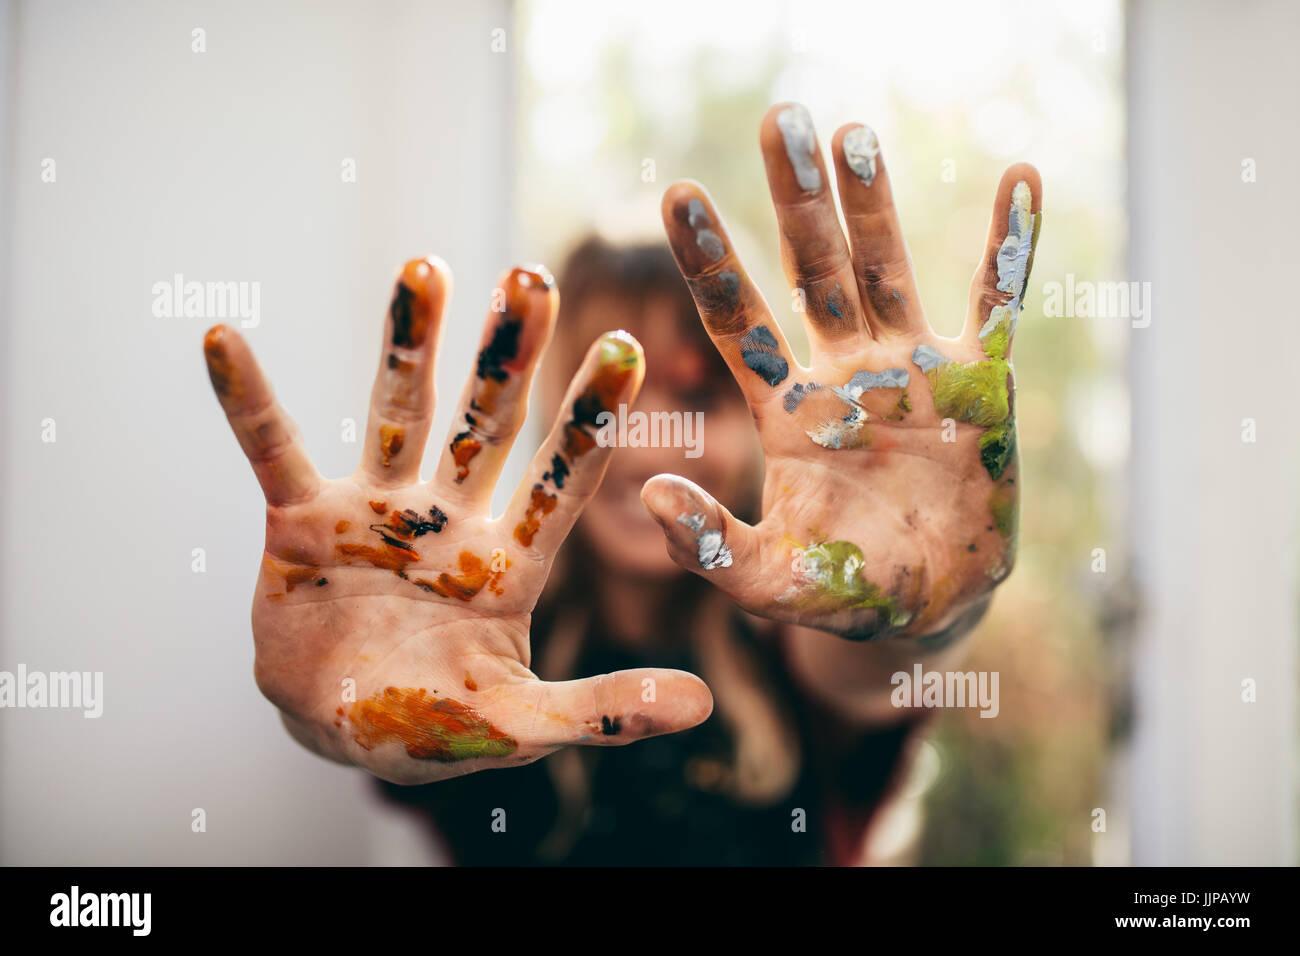 Nahaufnahme der Künstlerin zeigen ihre schmutzige Hände. Konzentrieren Sie sich auf den Händen der Stockbild